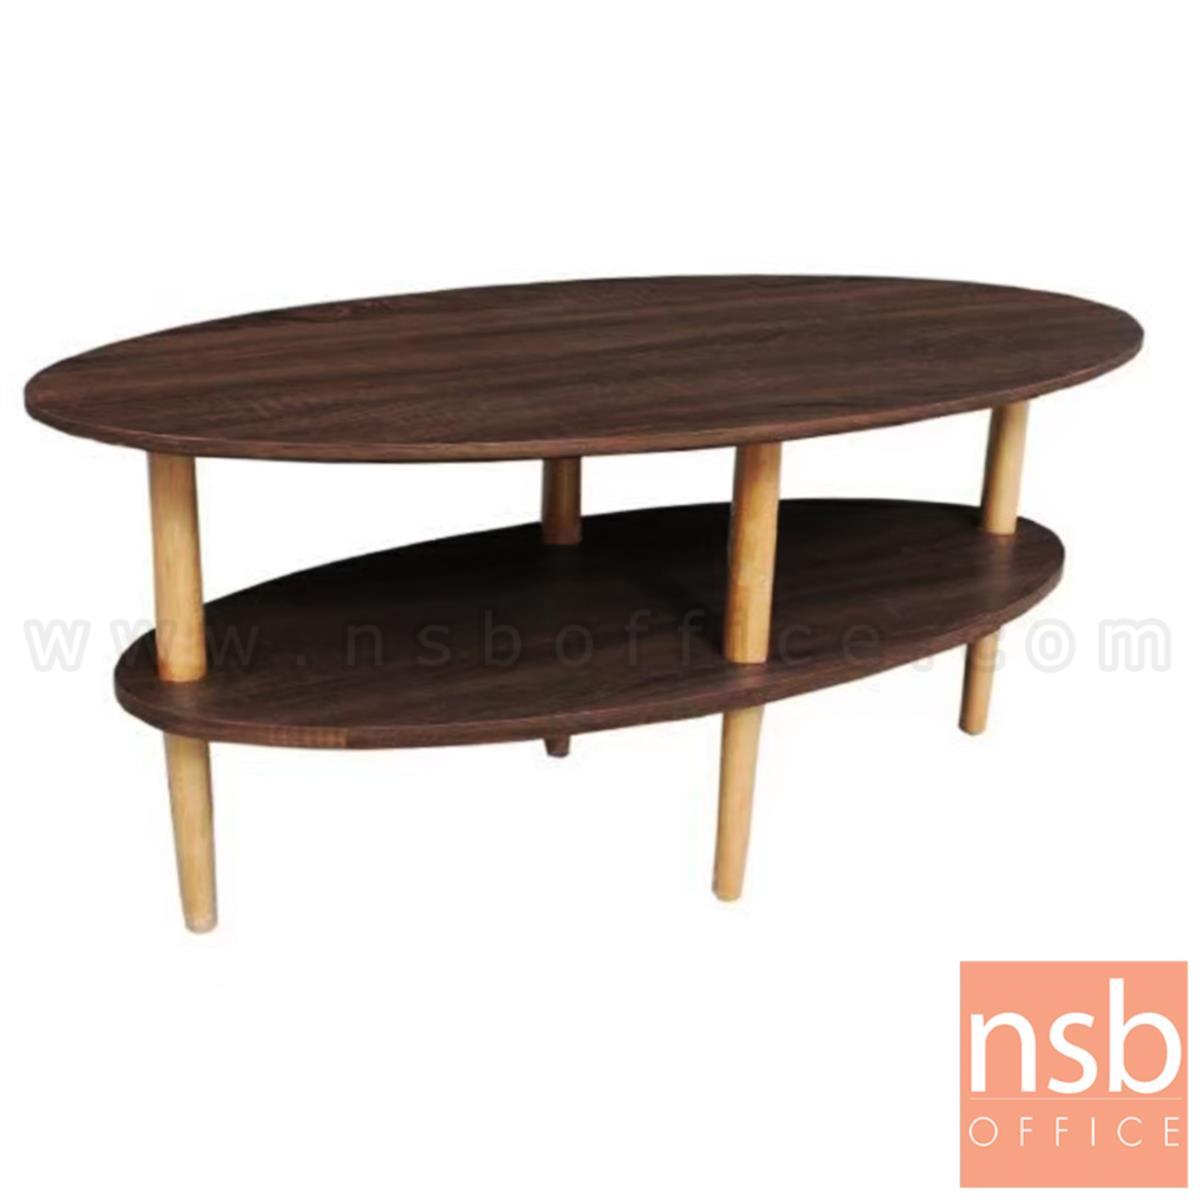 B13A292:โต๊ะกลางไม้ลามิเนต รุ่น Giannis (เกนนิส) ขนาด 90W cm. ขาไม้